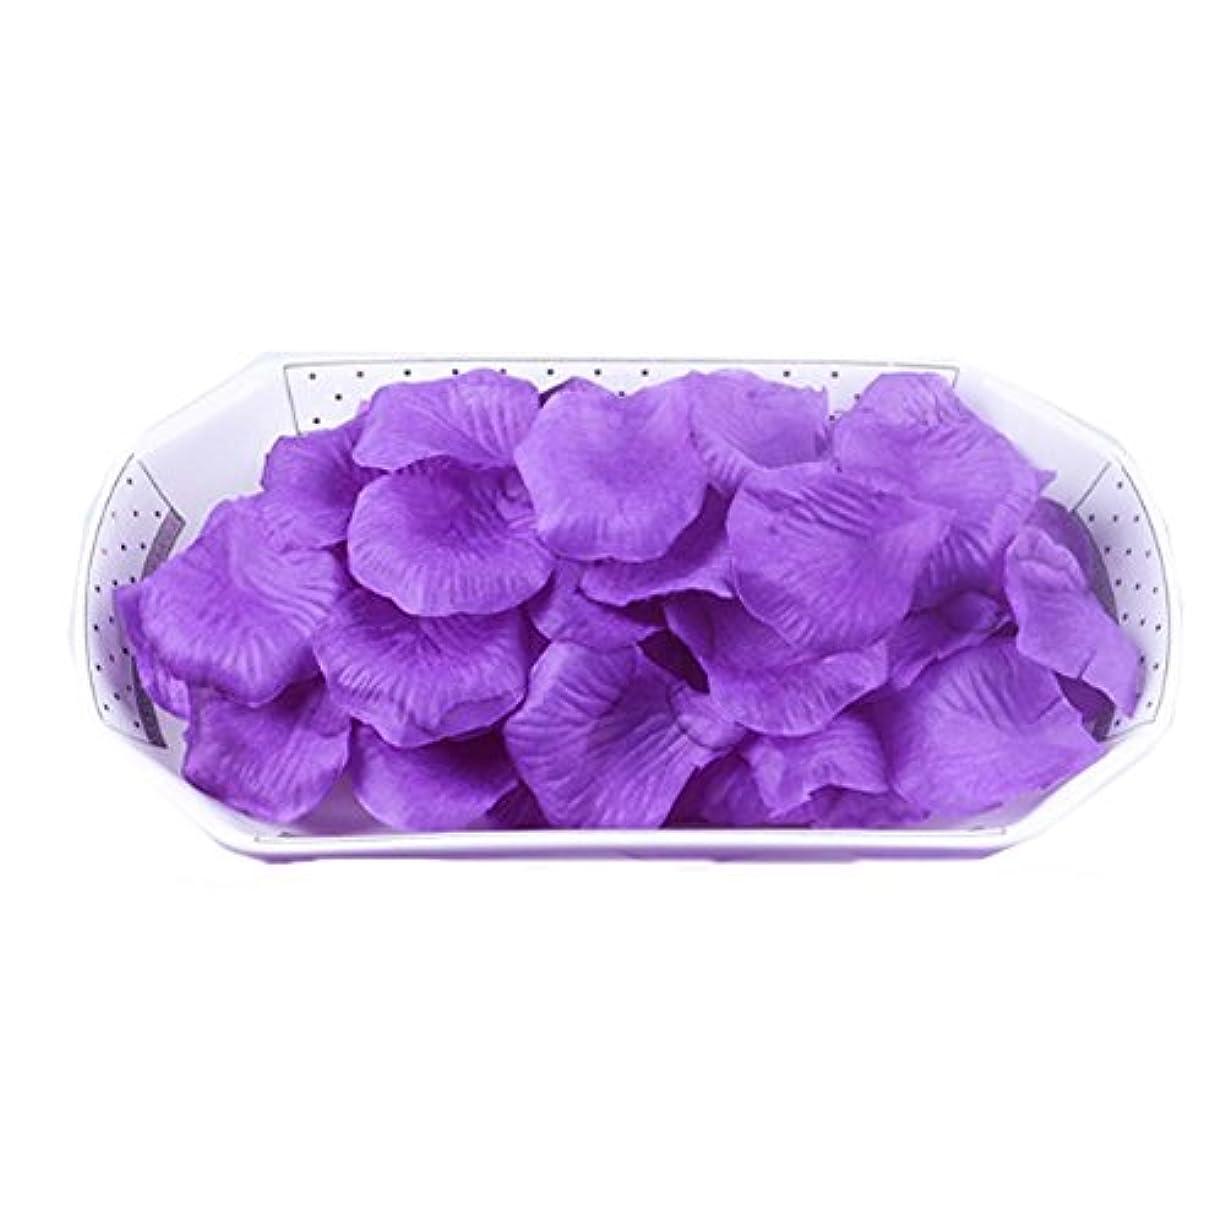 経過アーチクッション結婚式の装飾のための人工花の花びら紫2000 PC